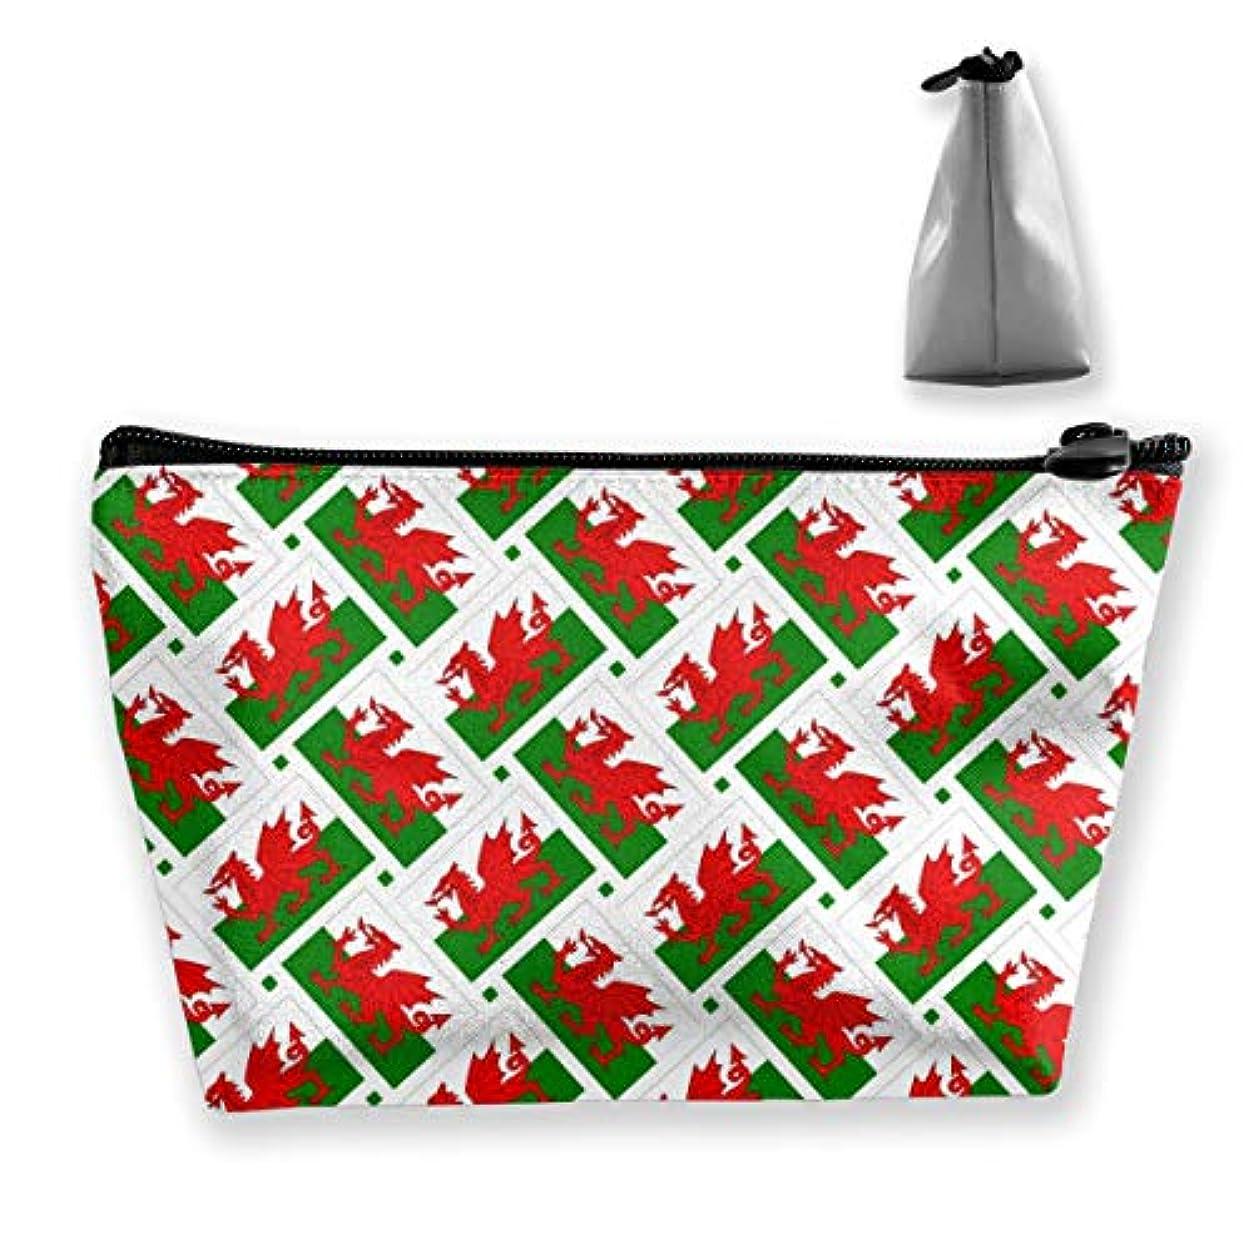 いつでもタール政治的ウェールズの旗 化粧ポーチ メイクポーチ ミニ 財布 機能的 大容量 ポータブル 収納 小物入れ 普段使い 出張 旅行 ビーチサイド旅行